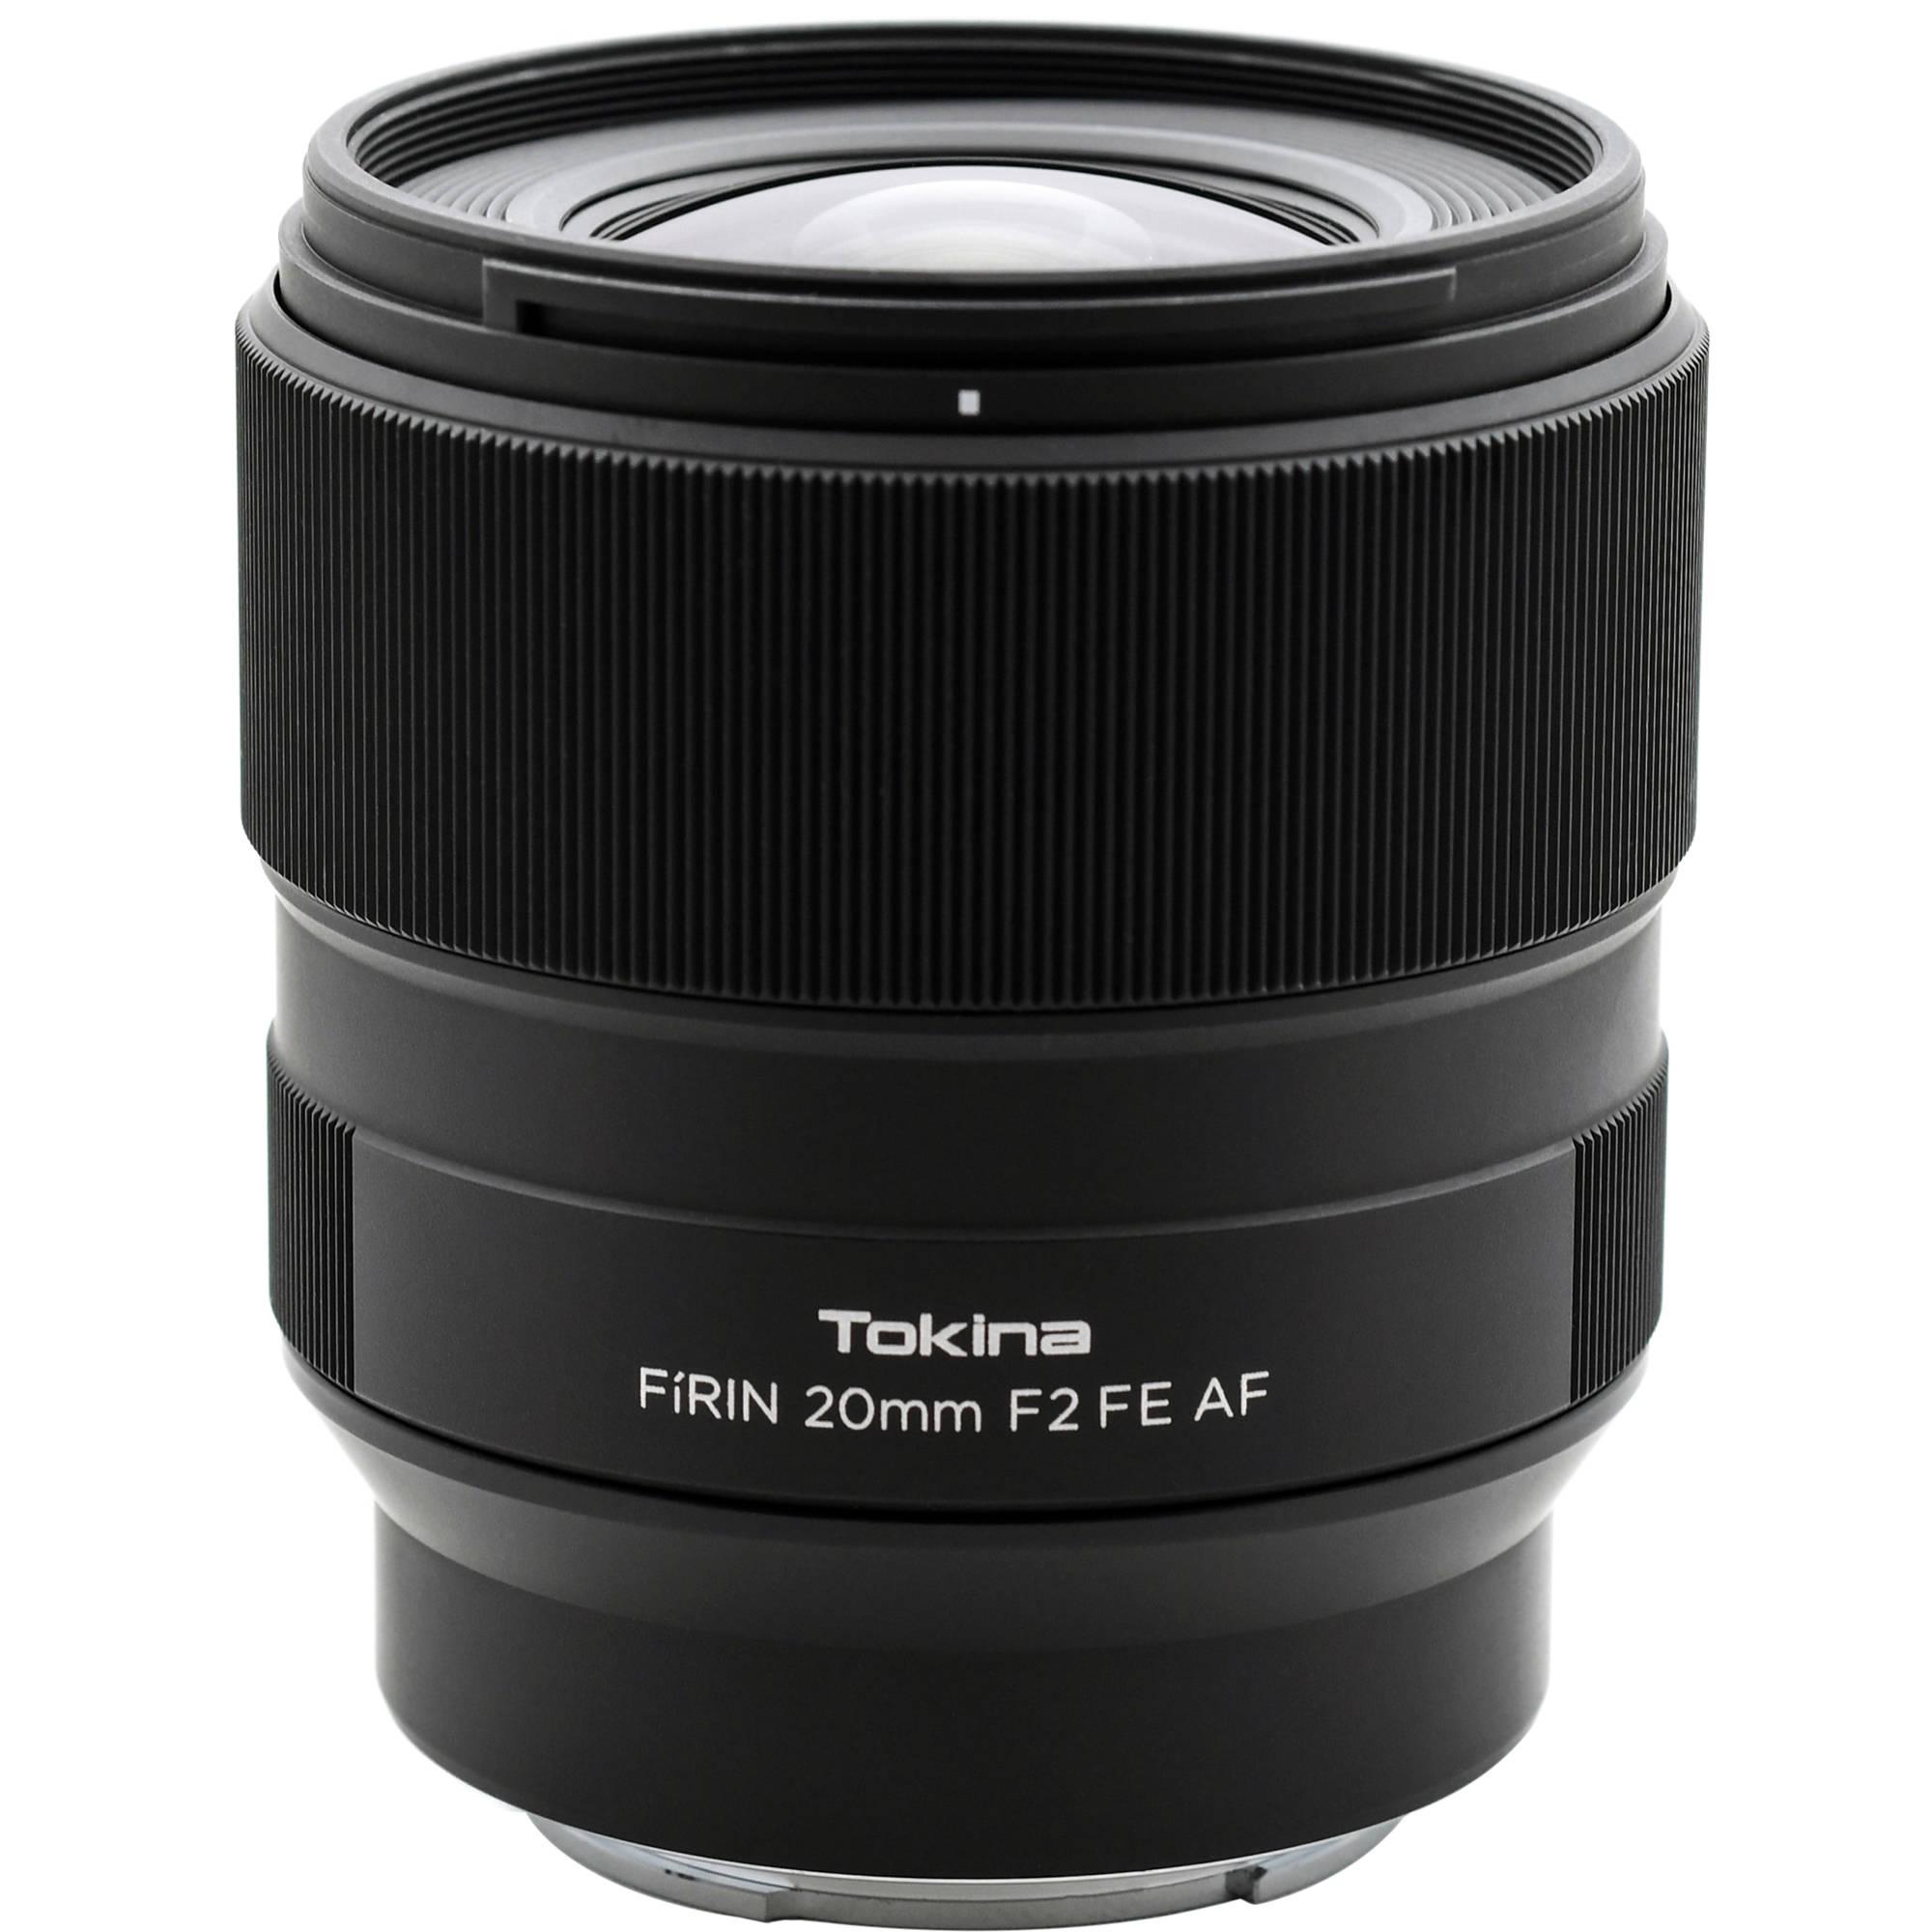 Image result for Tokina FíRIN 20mm f/2 FE AF